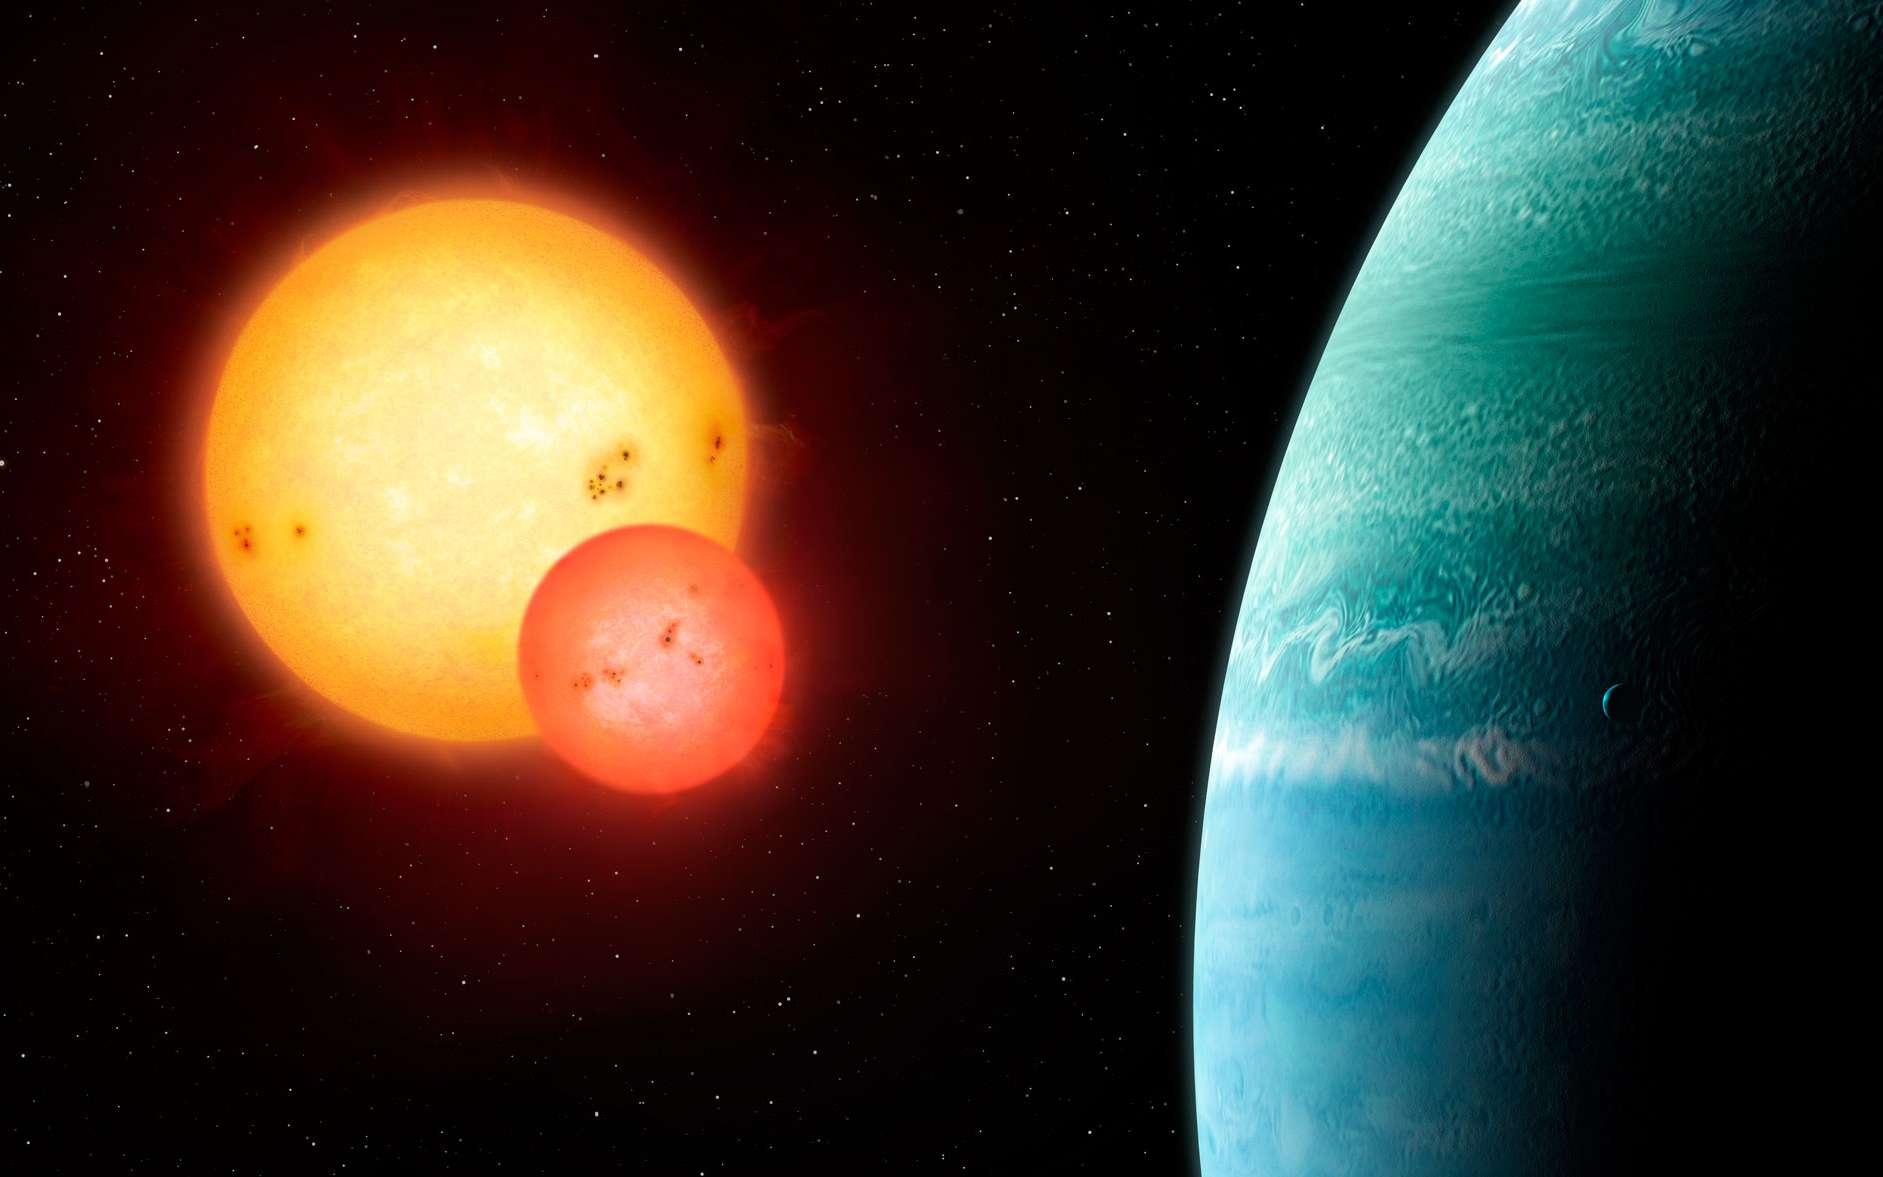 Illustration de la planète gazeuse Kepler-453b, la dixième « Tatooine » découverte ou planète « circumbinaire ». La plus grosse des deux étoiles a presque la même masse que notre Soleil. Ce système, découvert par transit avec le satellite Kepler, est à 1.400 années-lumière de la Terre. © Mark Garlick